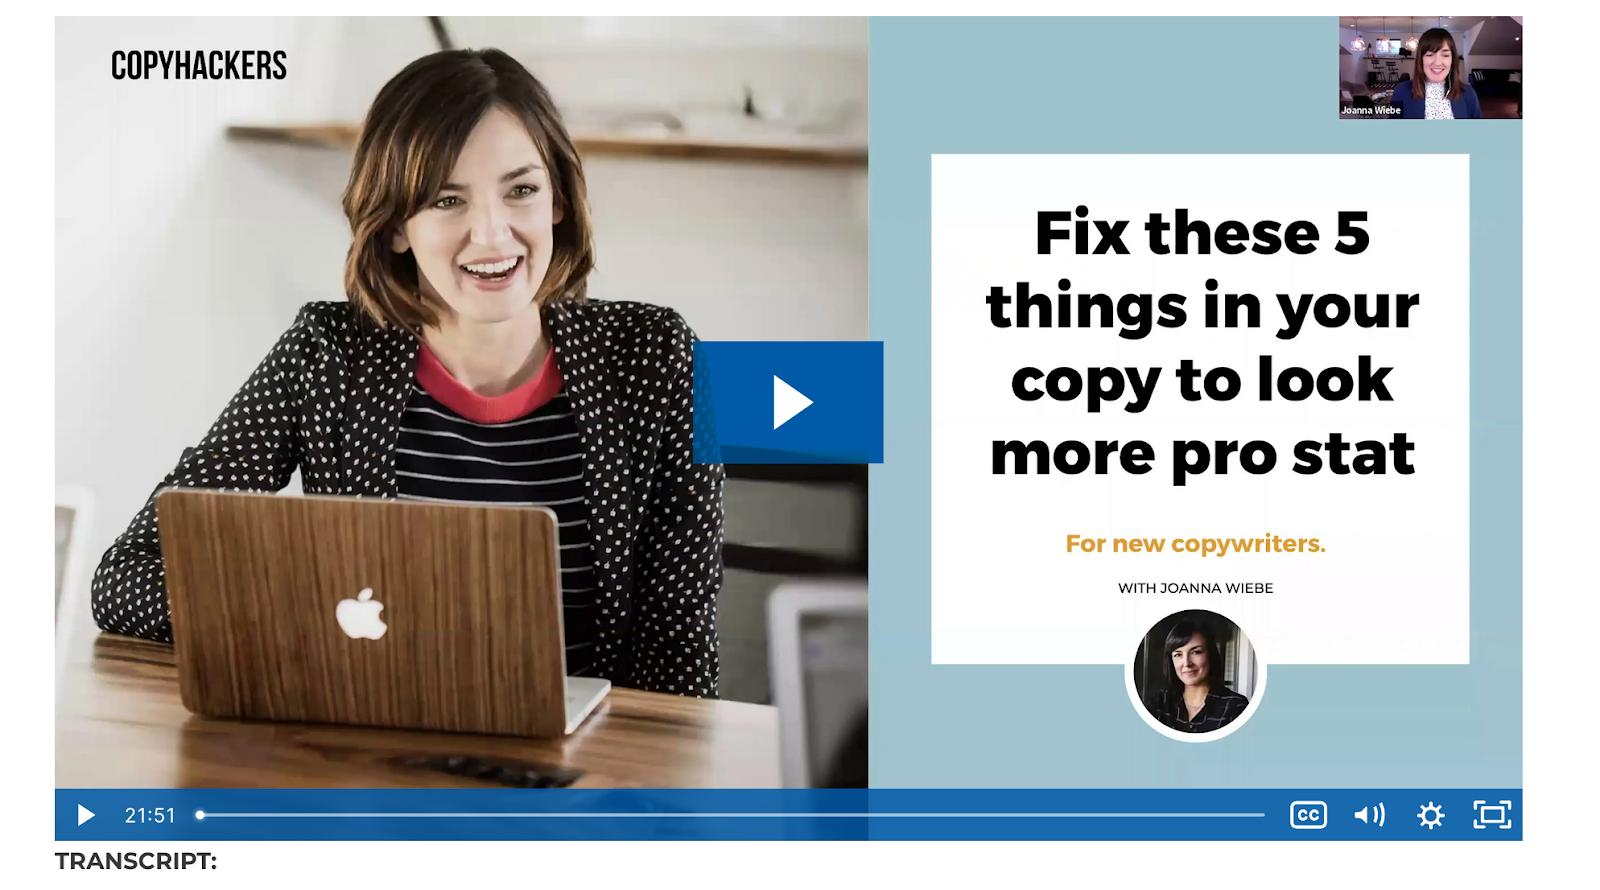 copyhackers has free video tutorials